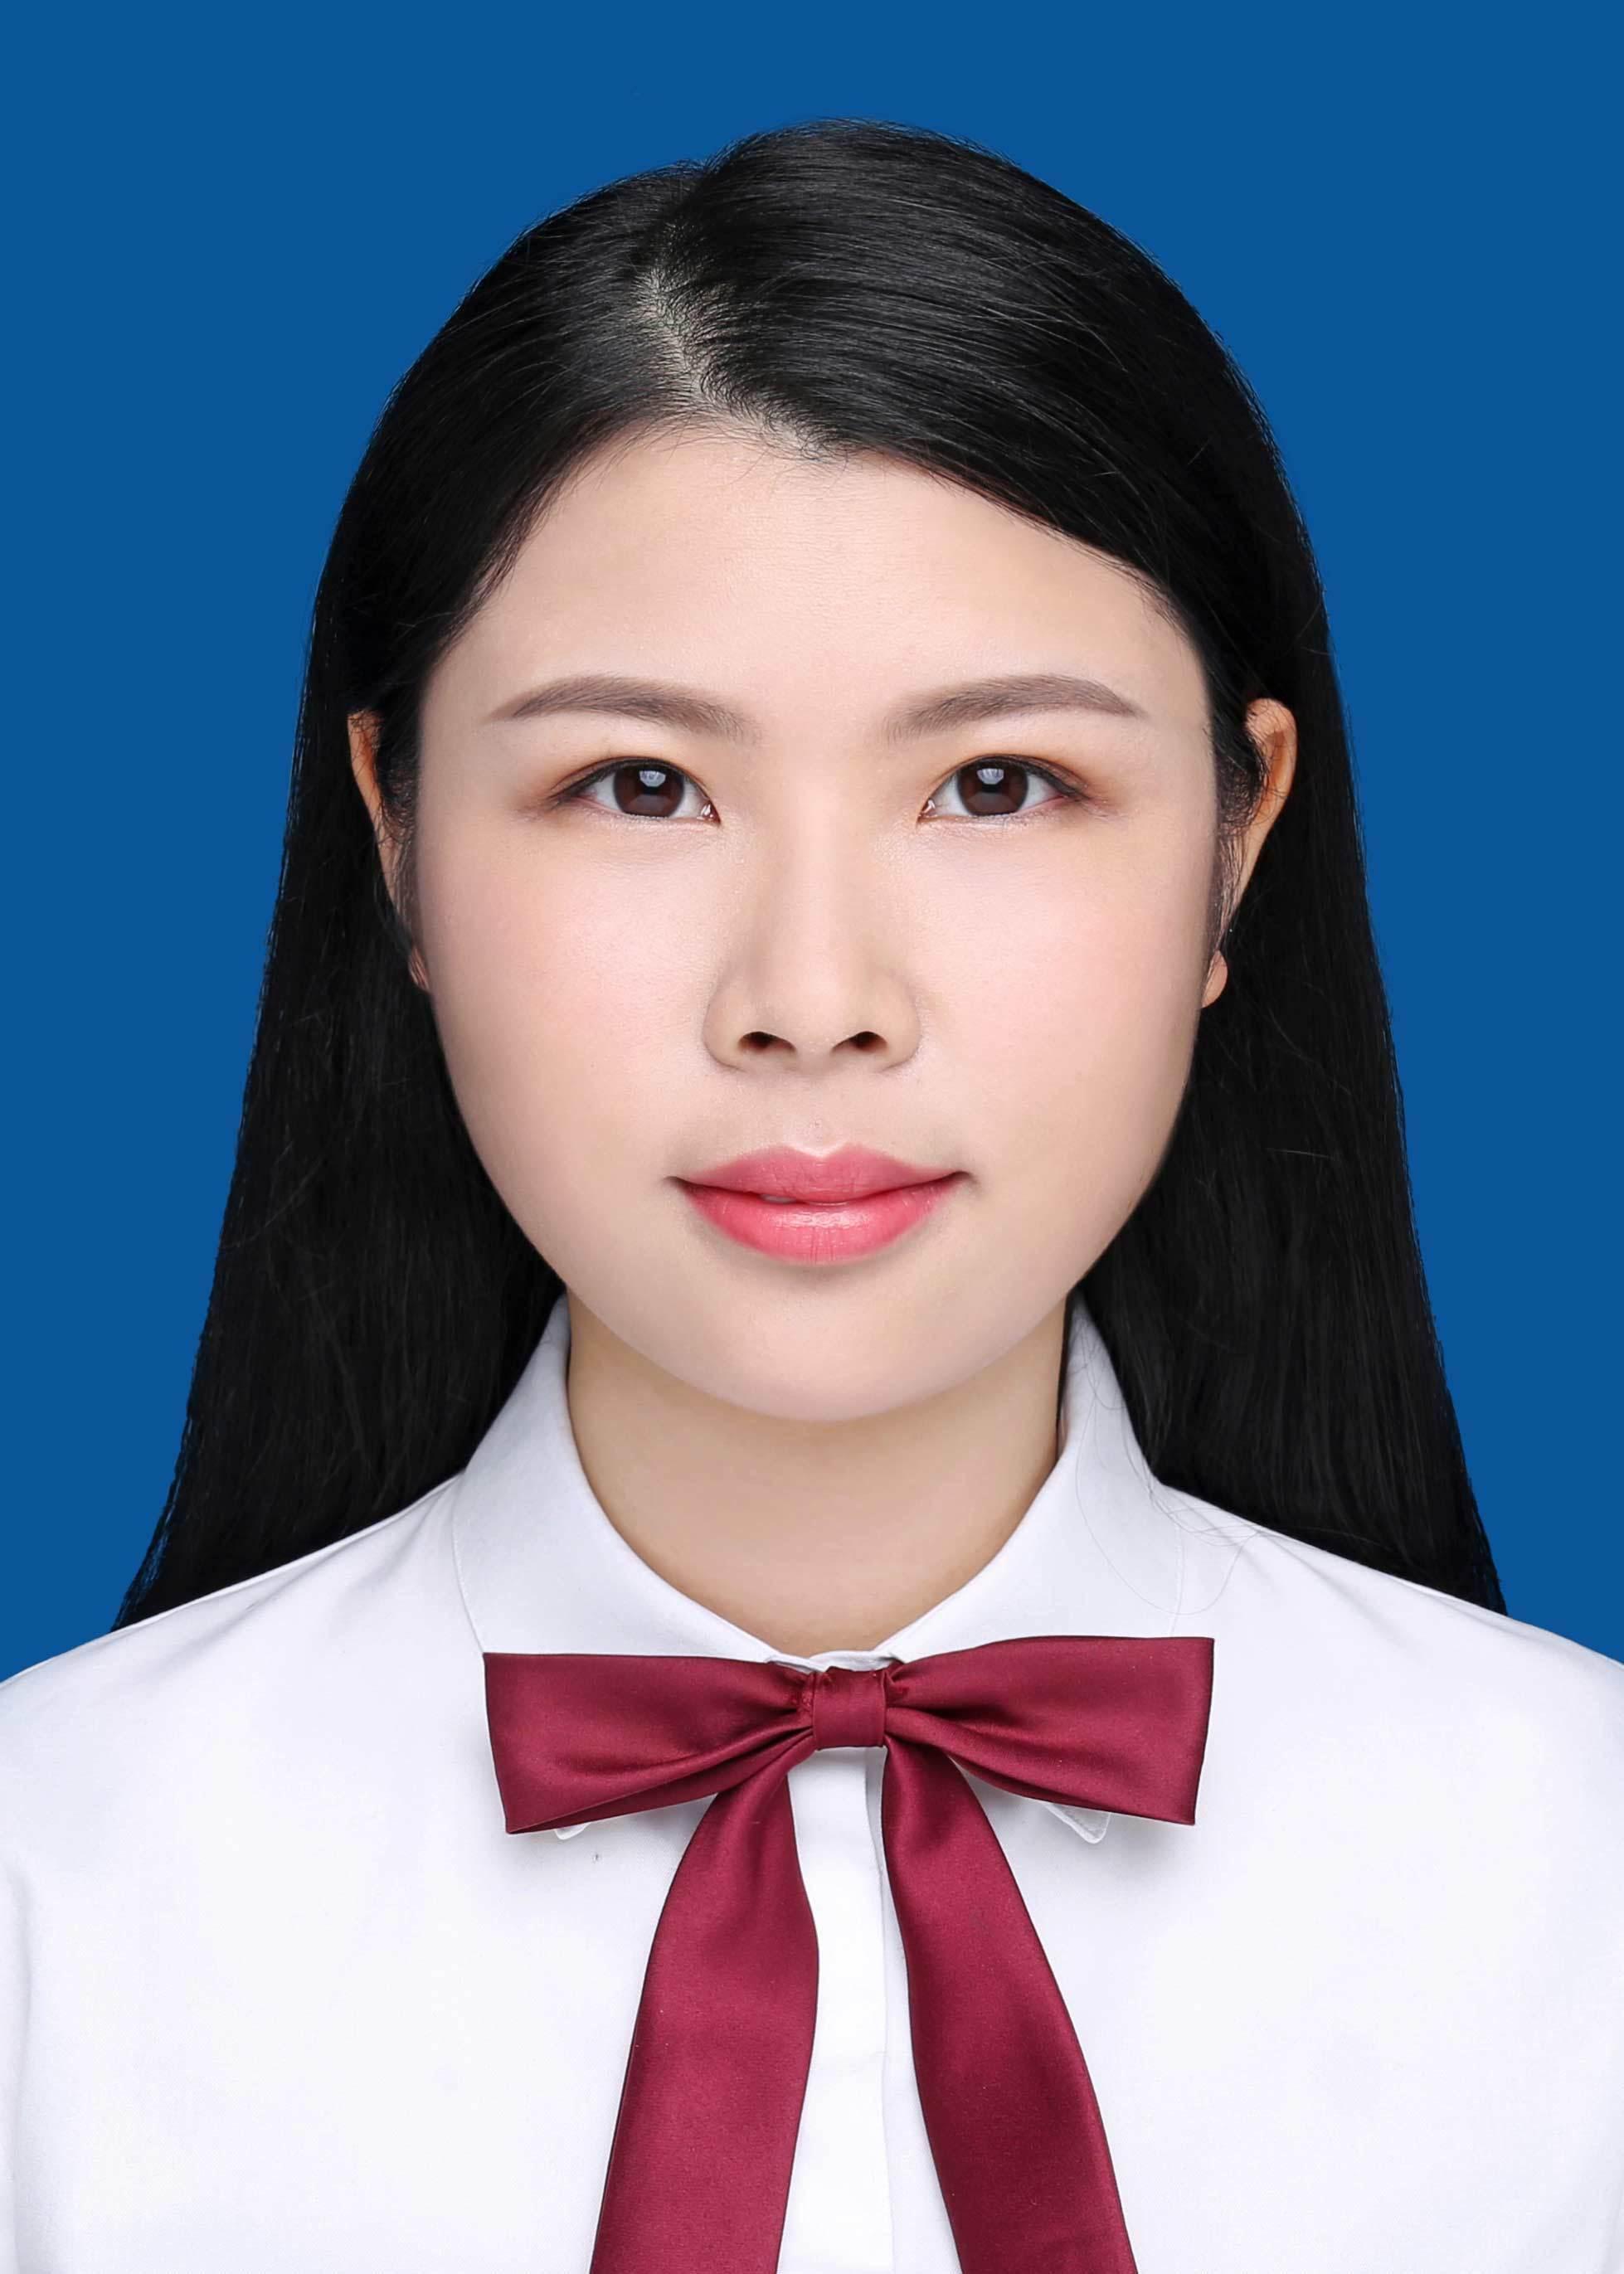 广州家教郑教员